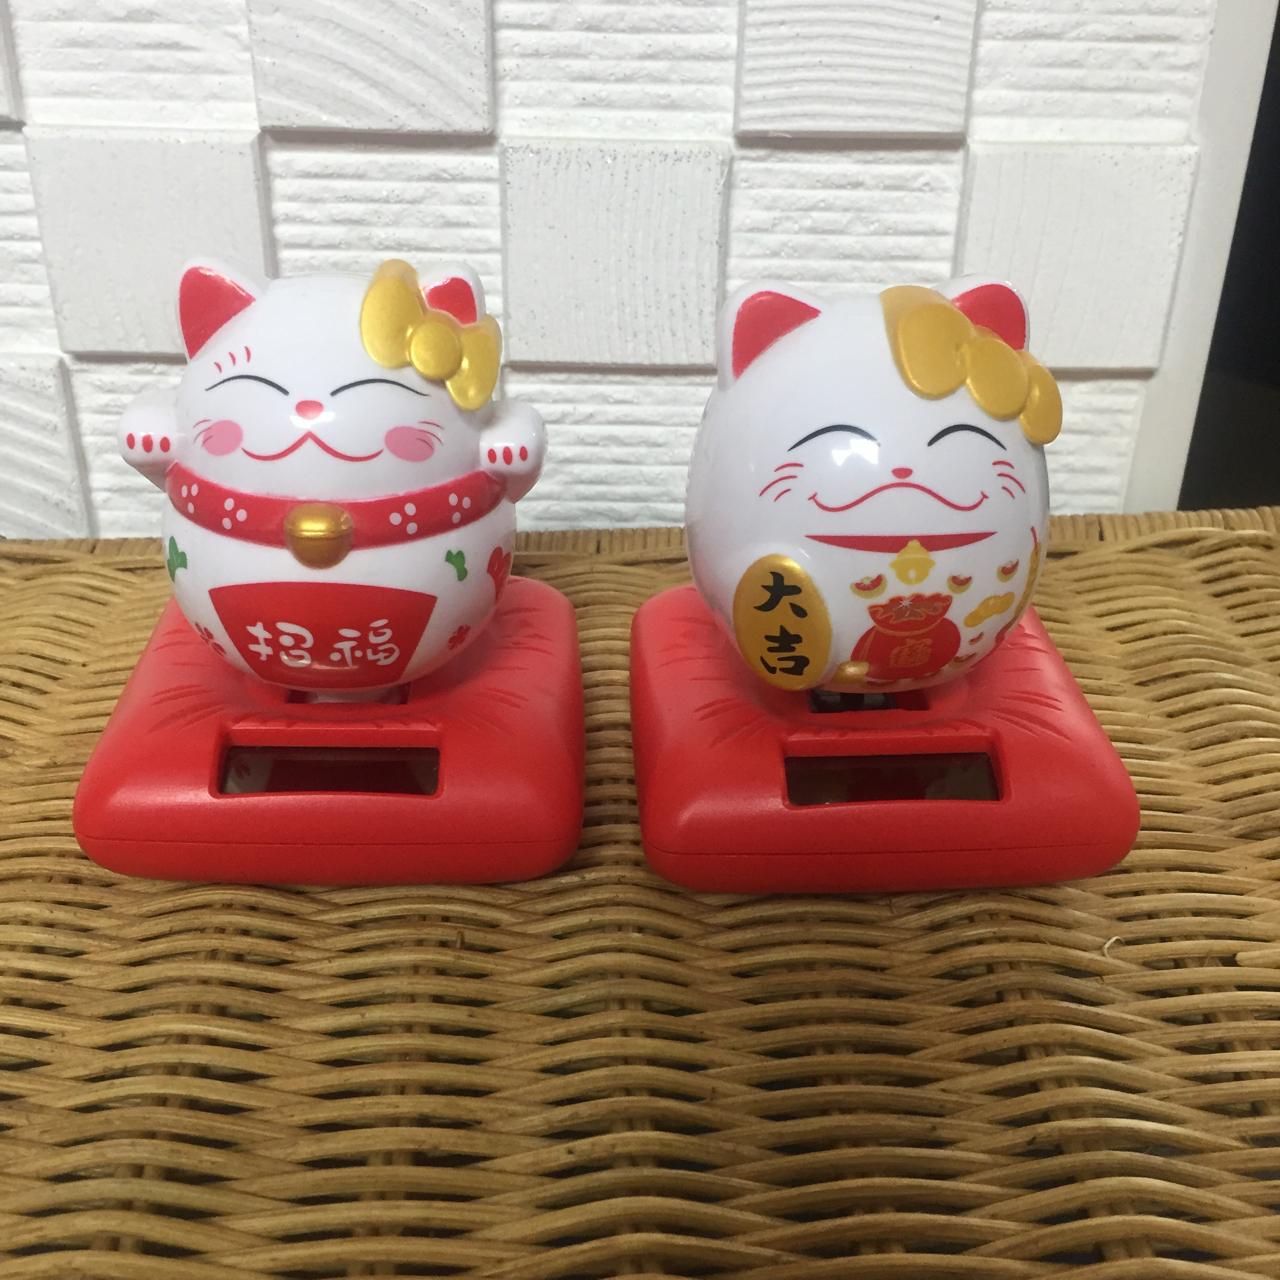 일본 복고양이 마네키네코 2개 (묶음판매)